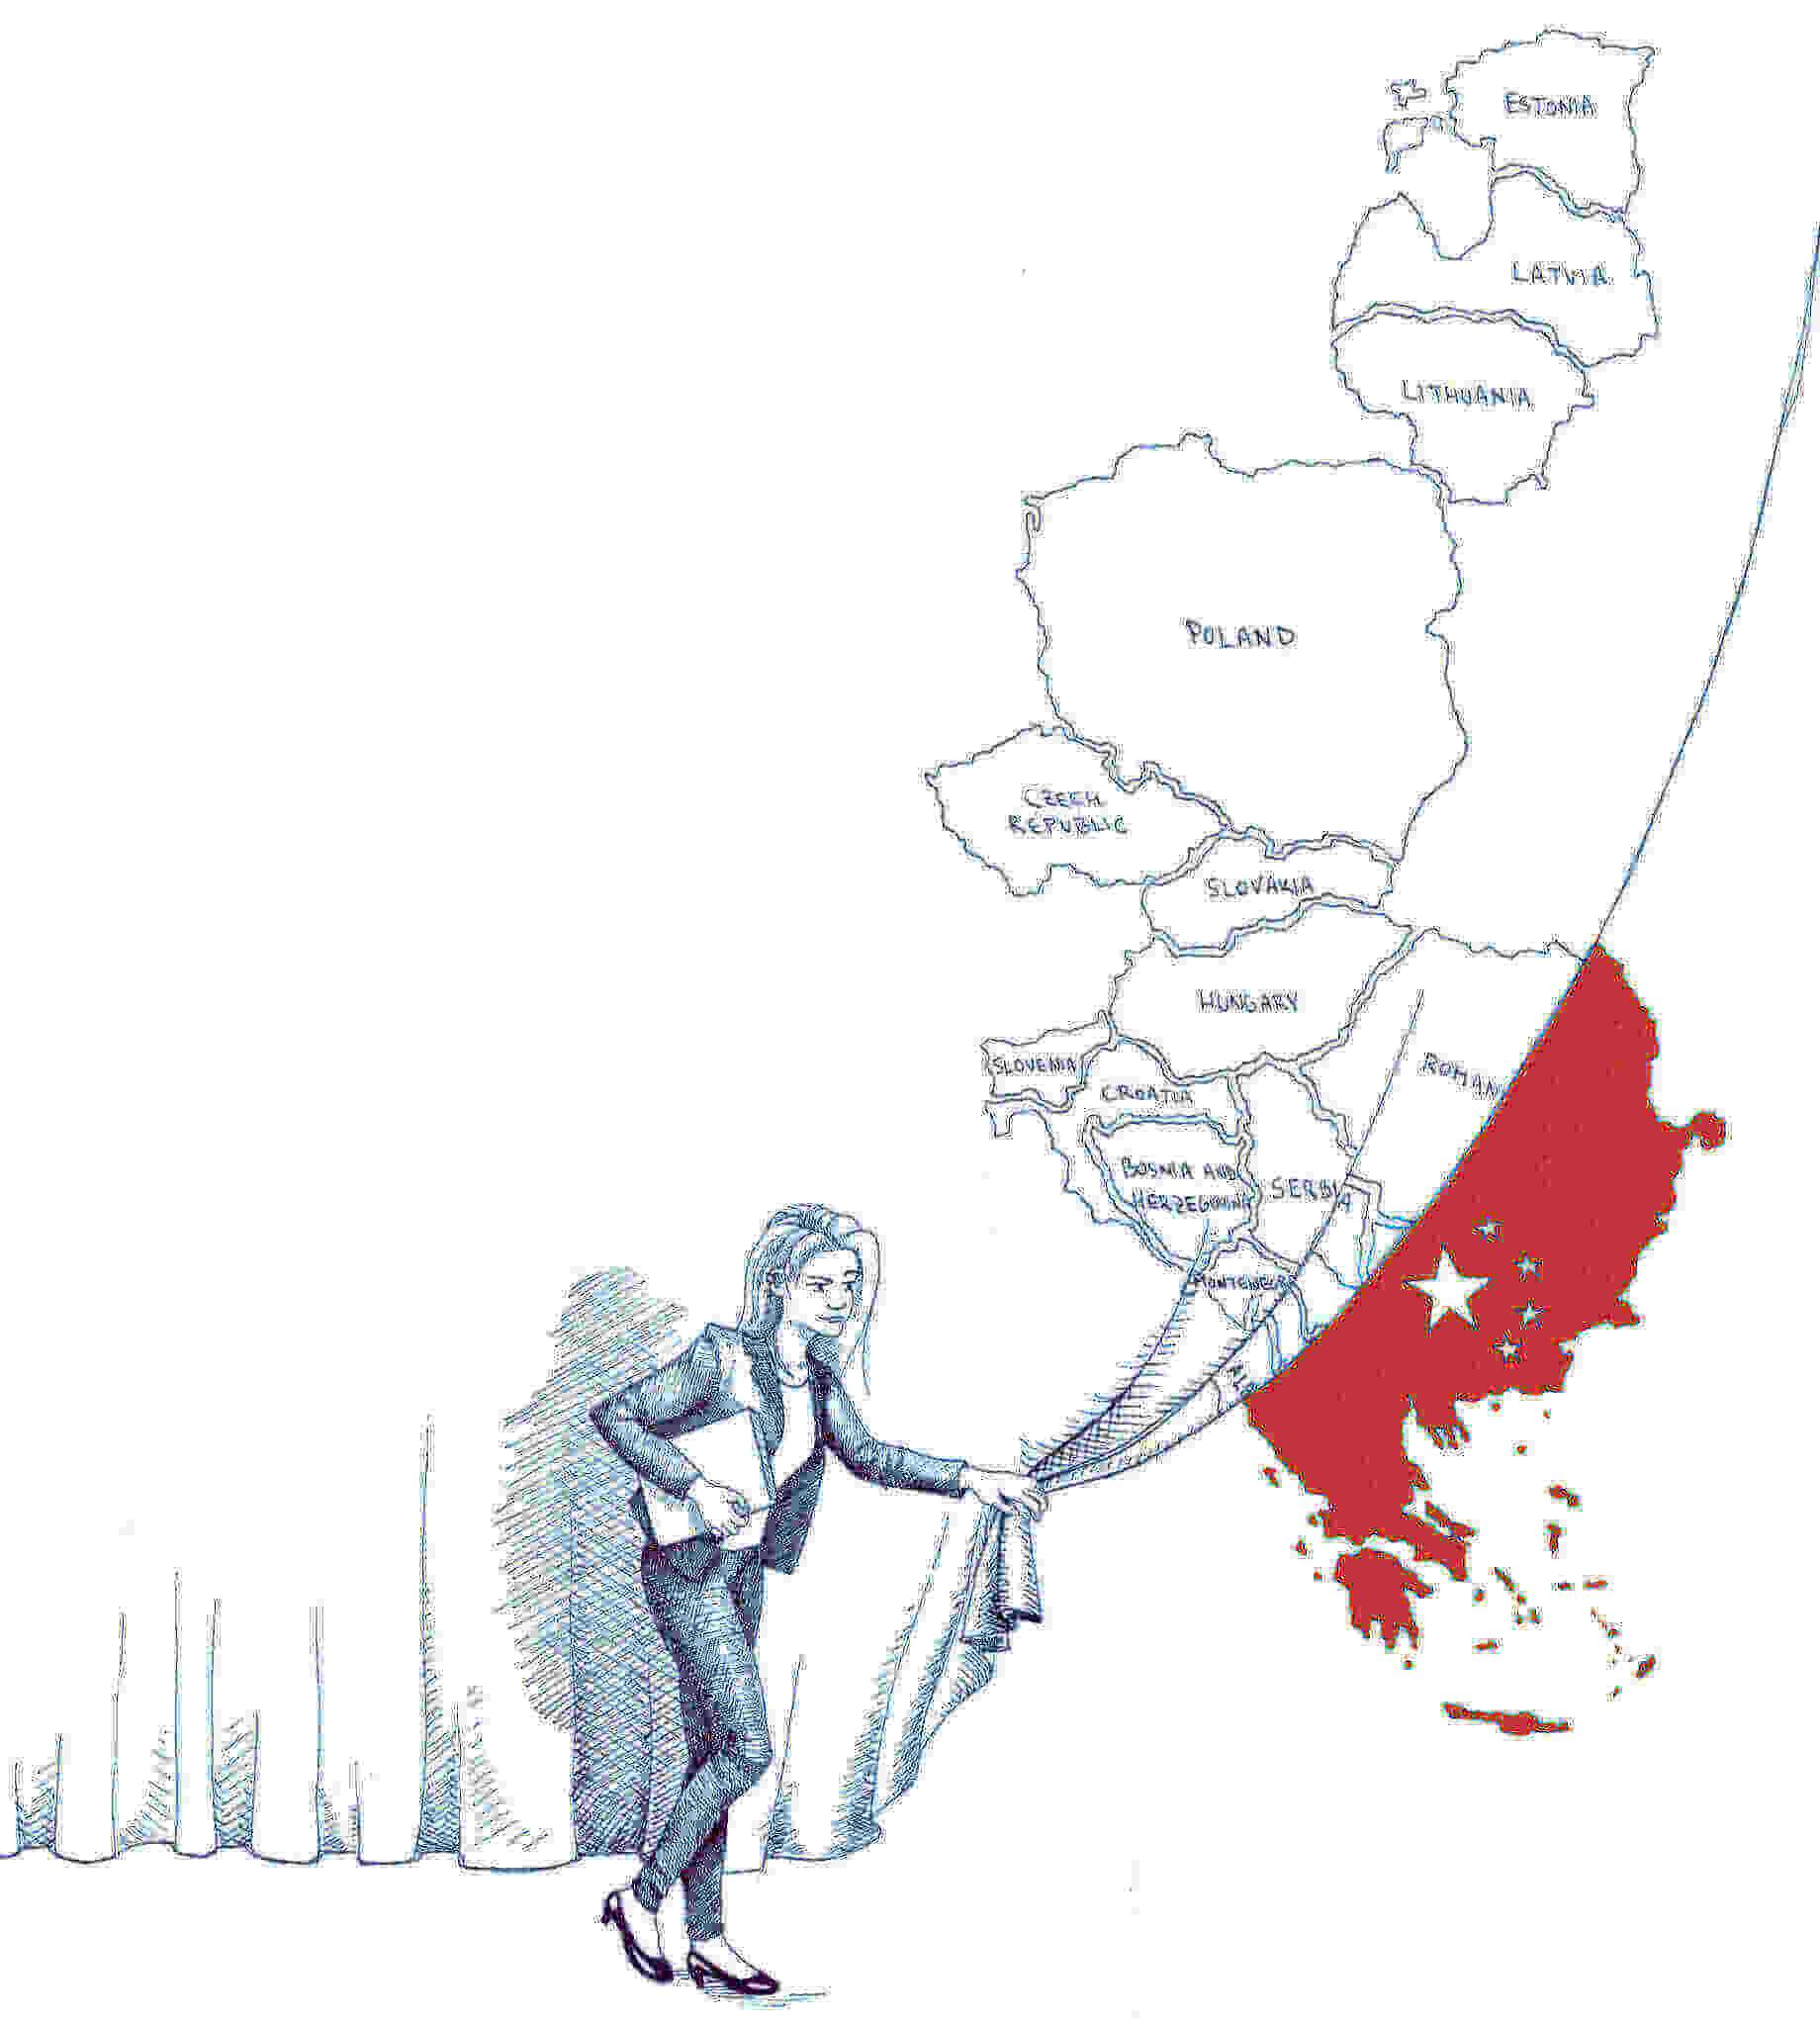 Nova publikacija – Nije više prazna priča: Rastući uticaj Kine u Centralnoj i Istočnoj Evropi